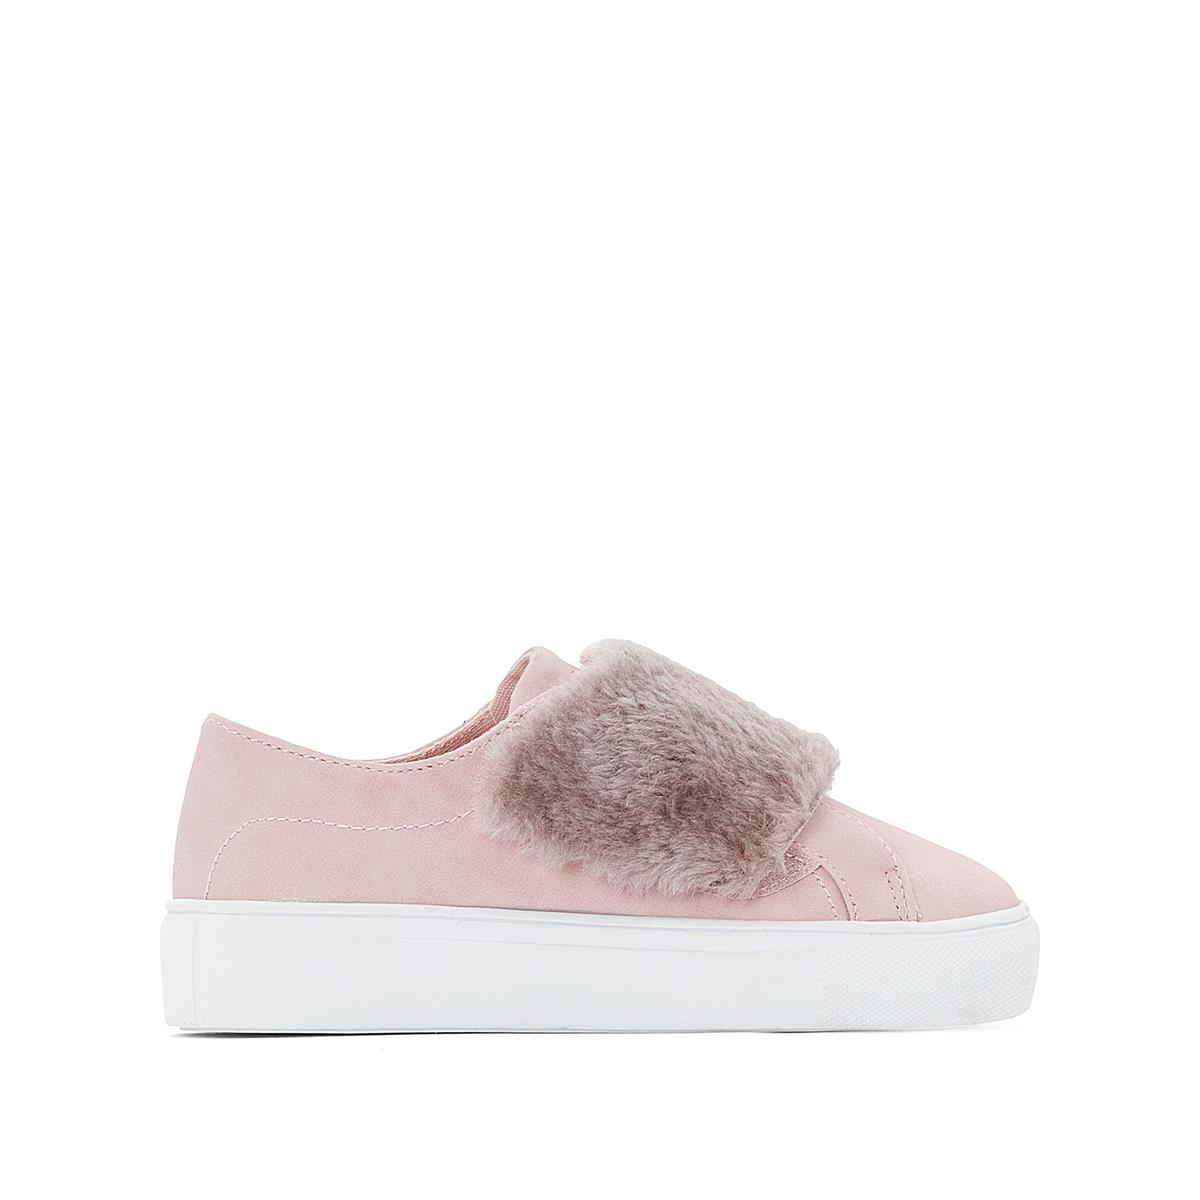 цена Кеды La Redoute На планке-велкро из меха размеры - 39 розовый онлайн в 2017 году